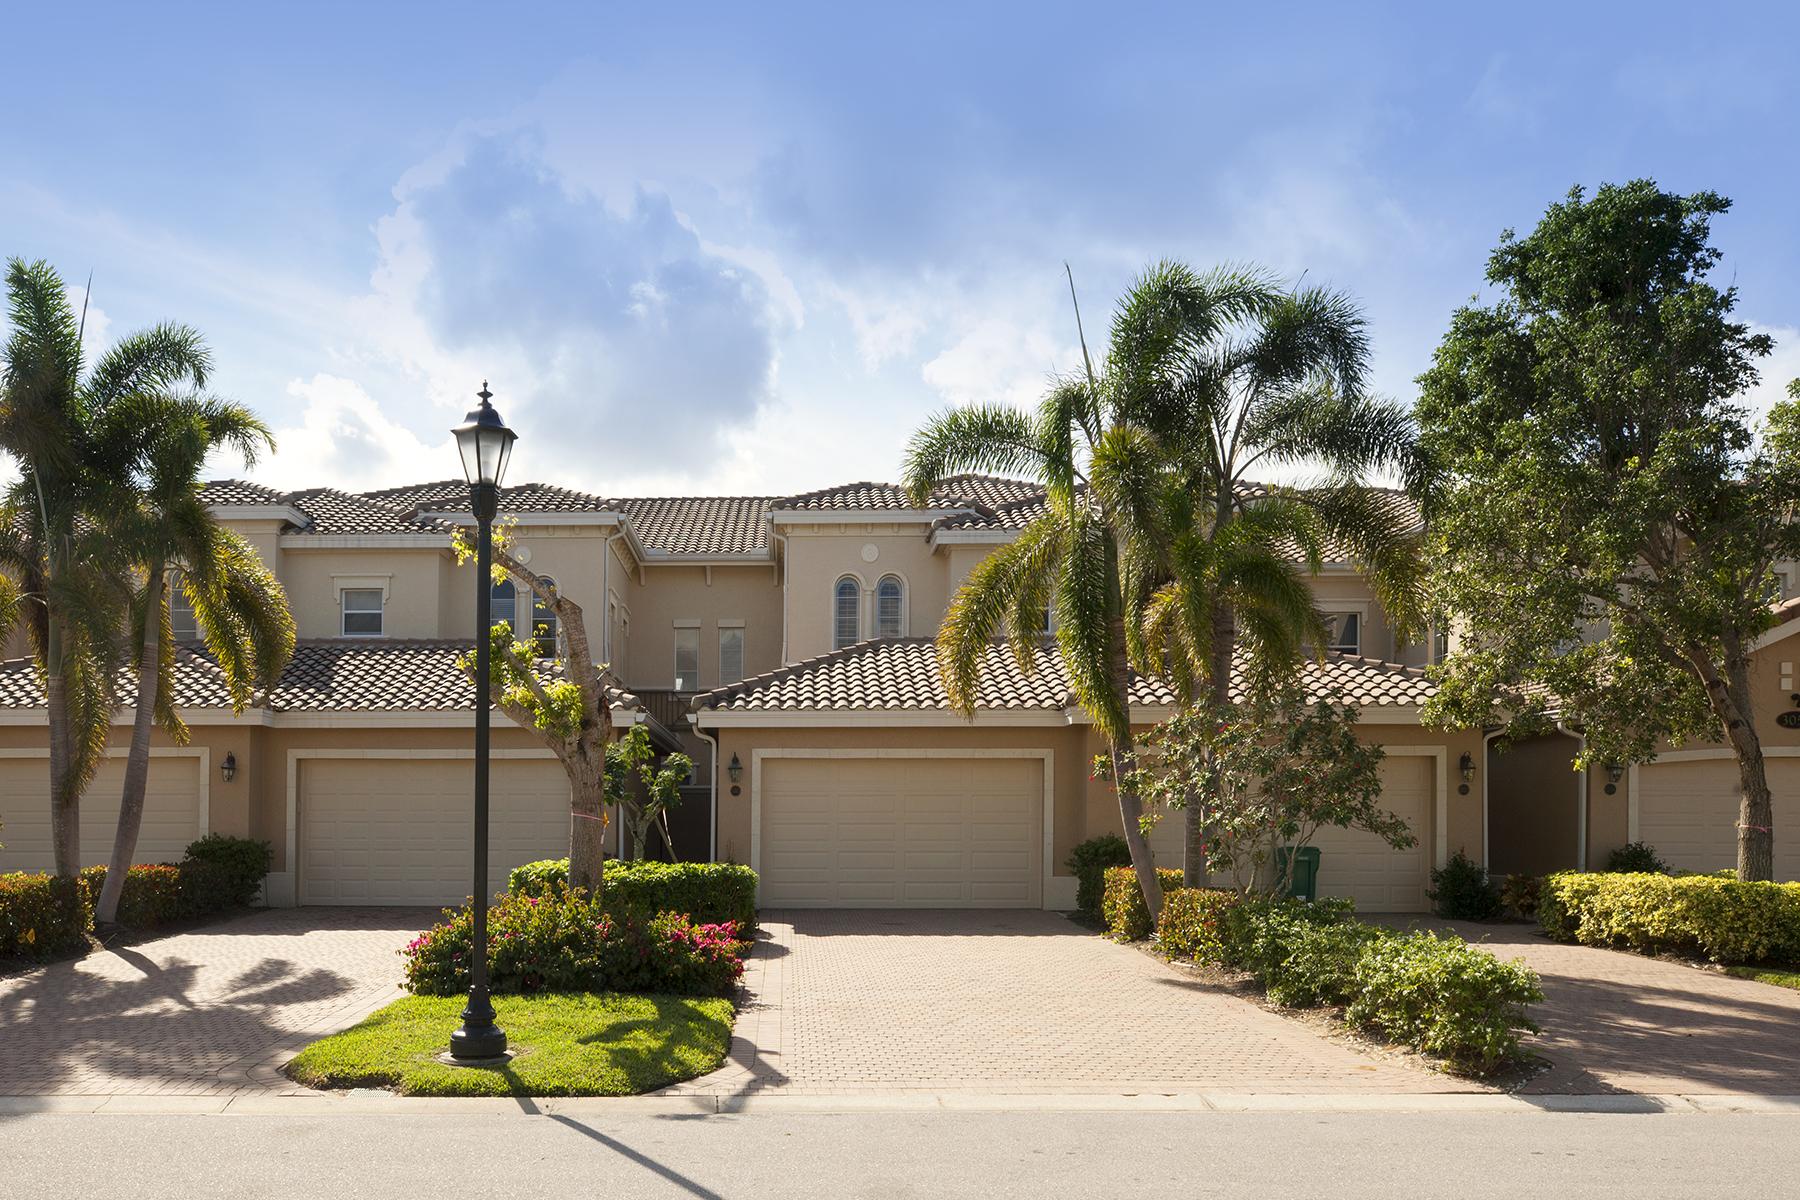 Condominium for Sale at FIDDLERS CREEK 3053 Aviamar Cir 103, Naples, Florida, 34114 United States